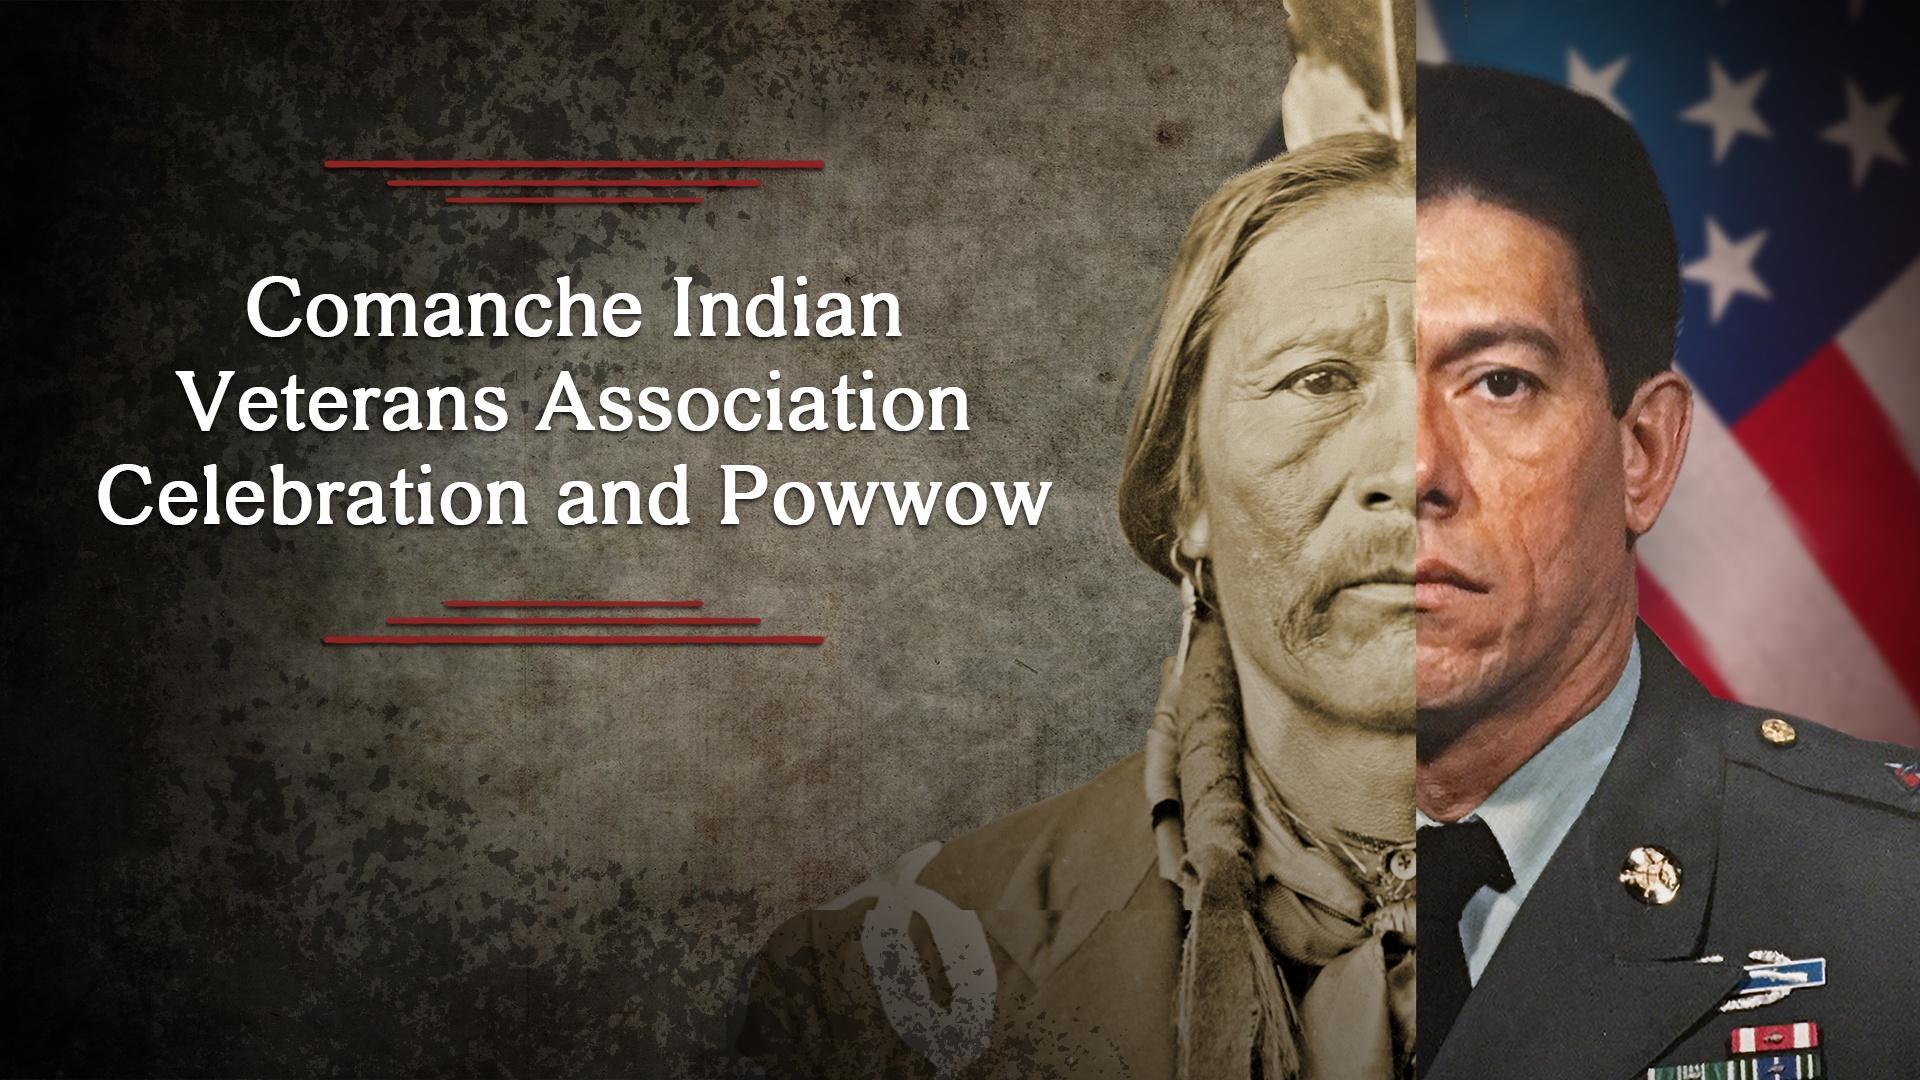 Comanche Indian Veterans Association Celebration